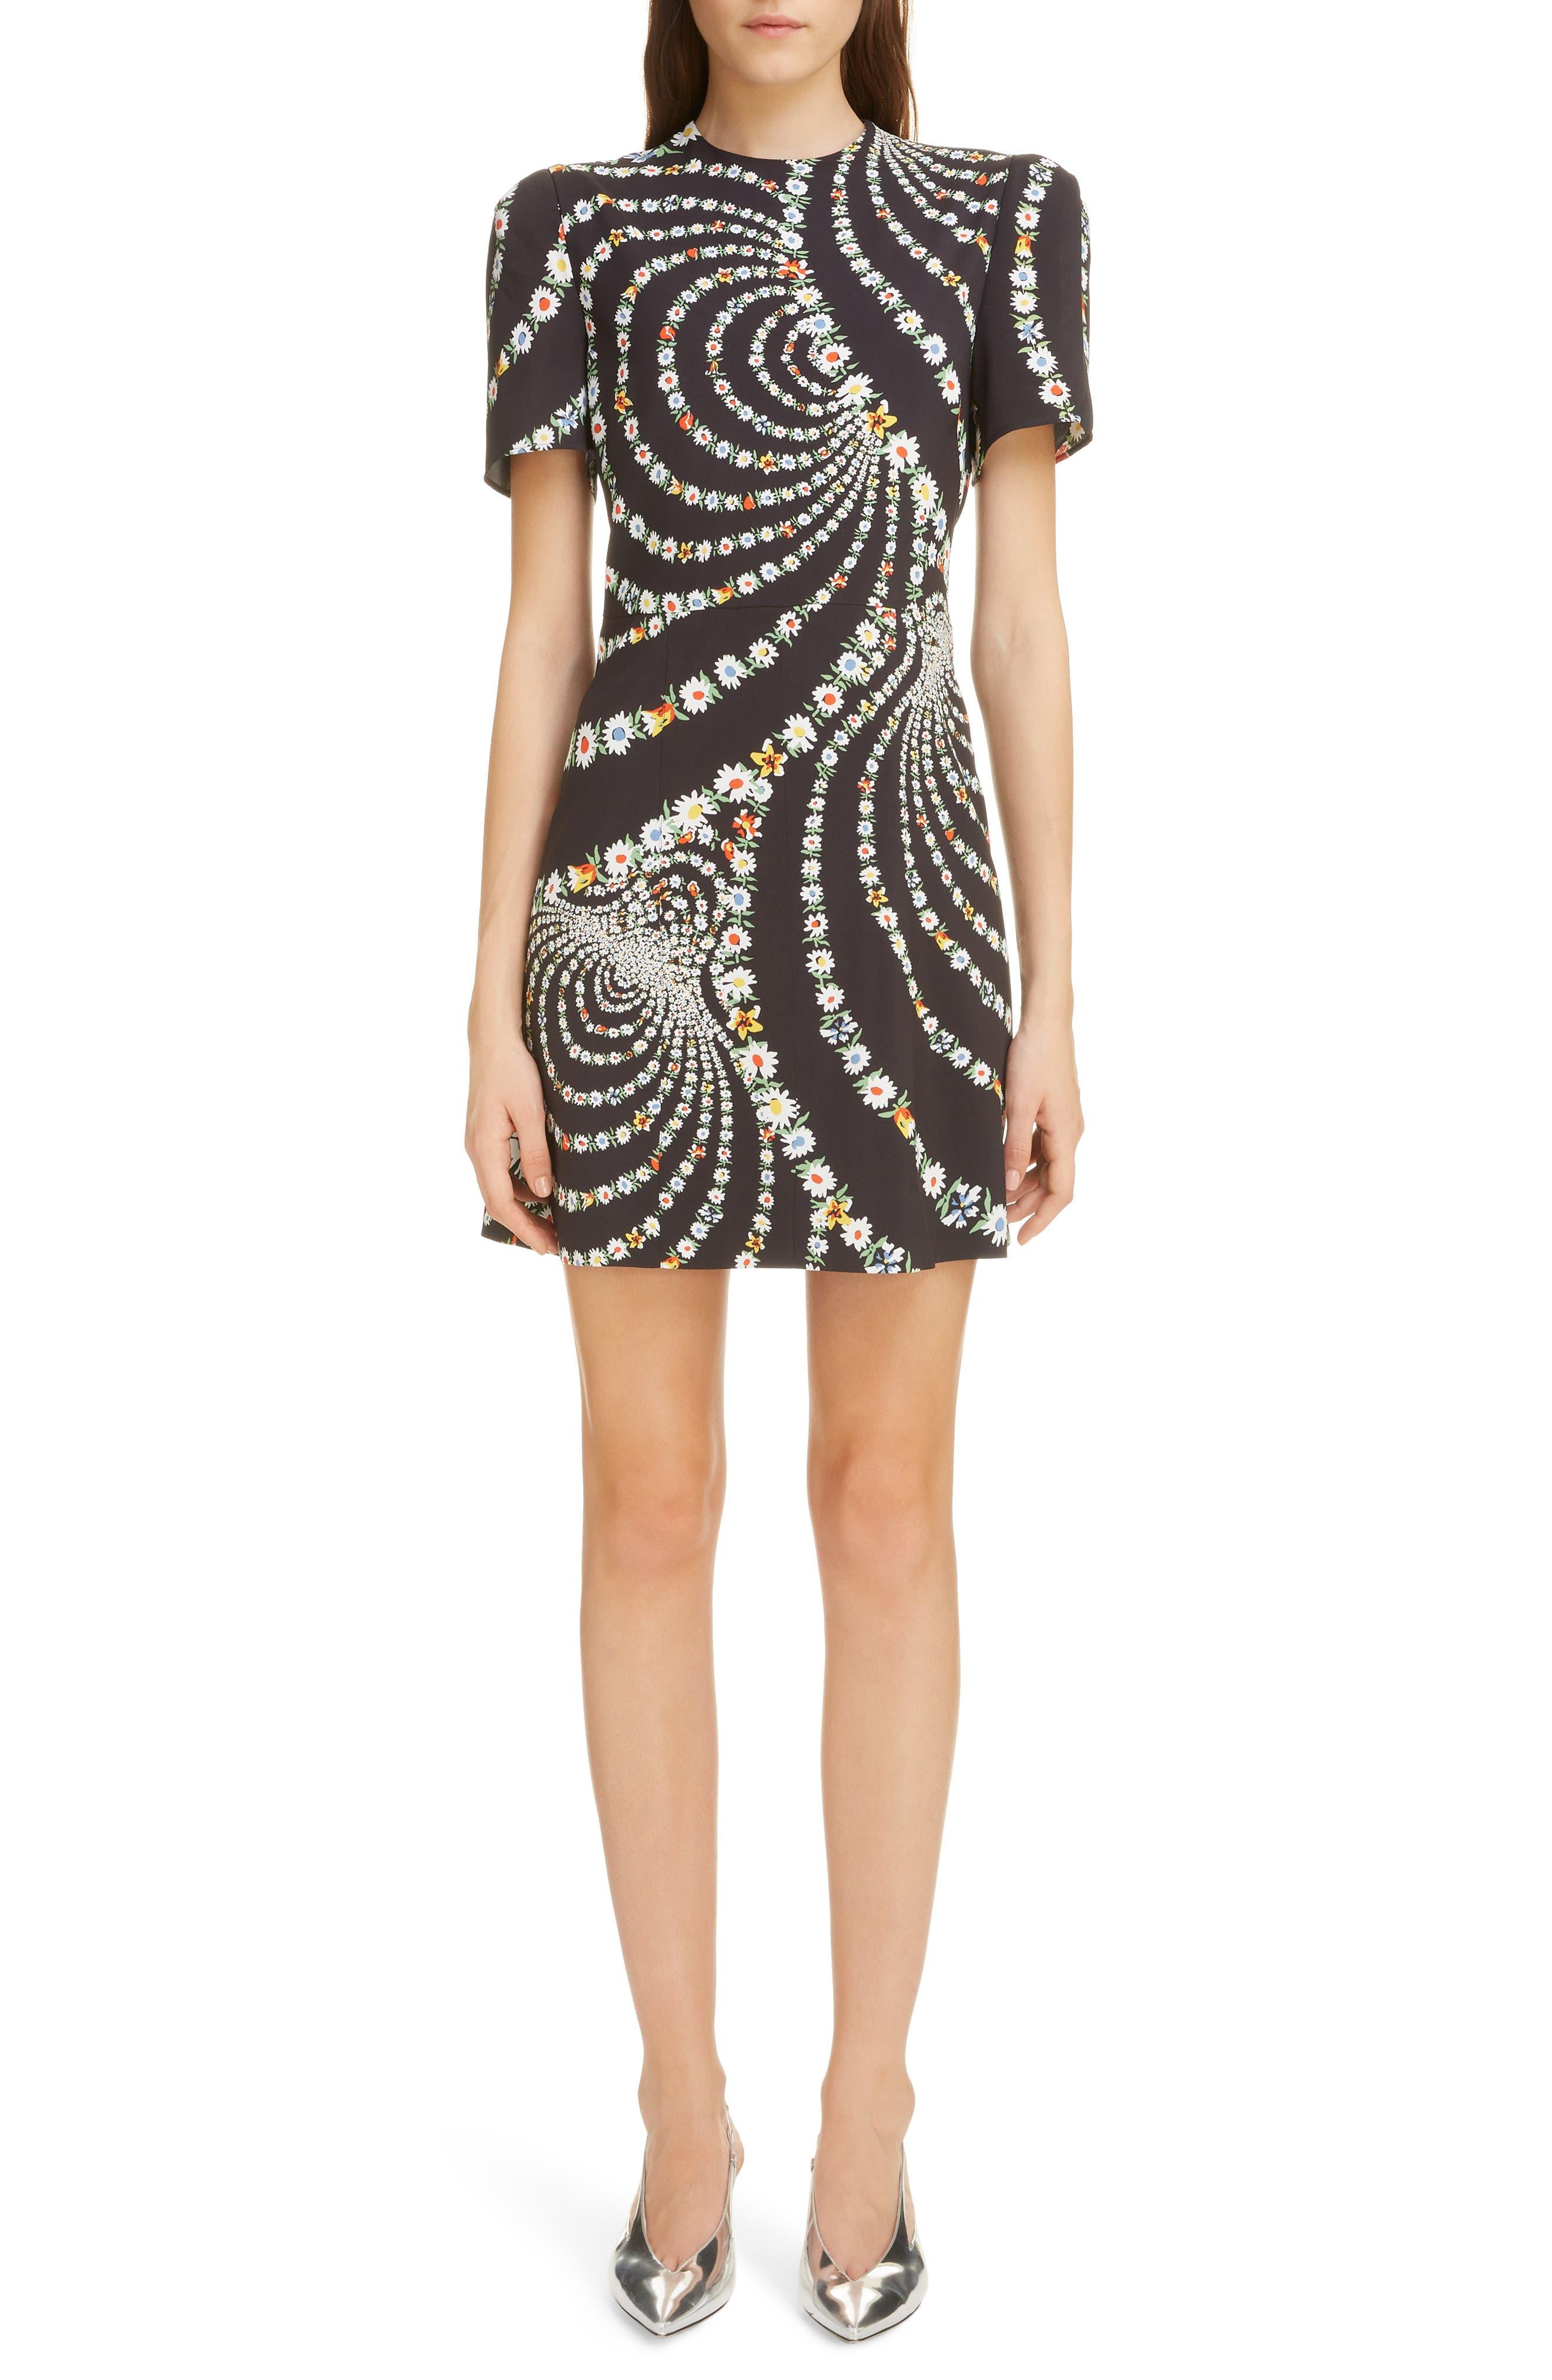 Givenchy Daisy Print Dress, Black